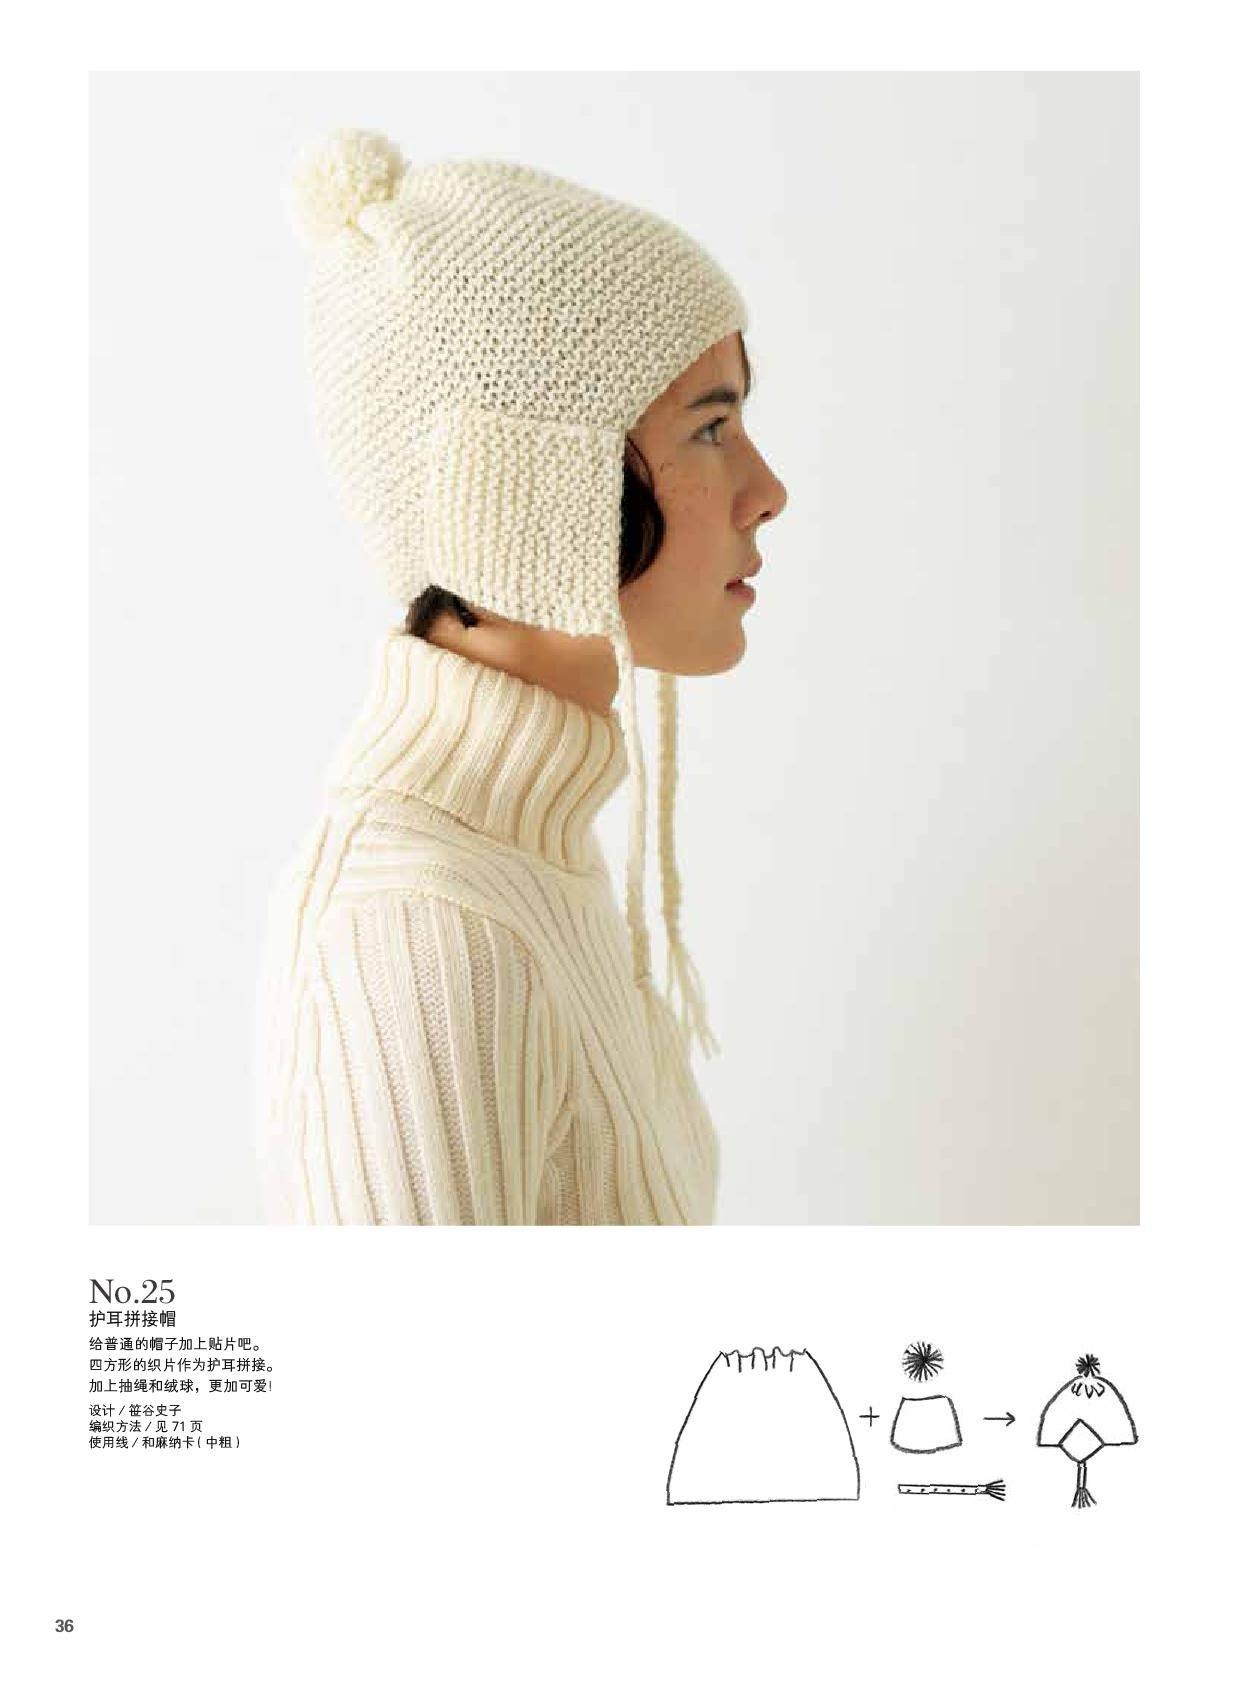 下针编织的帽子和围巾内文-37.jpg